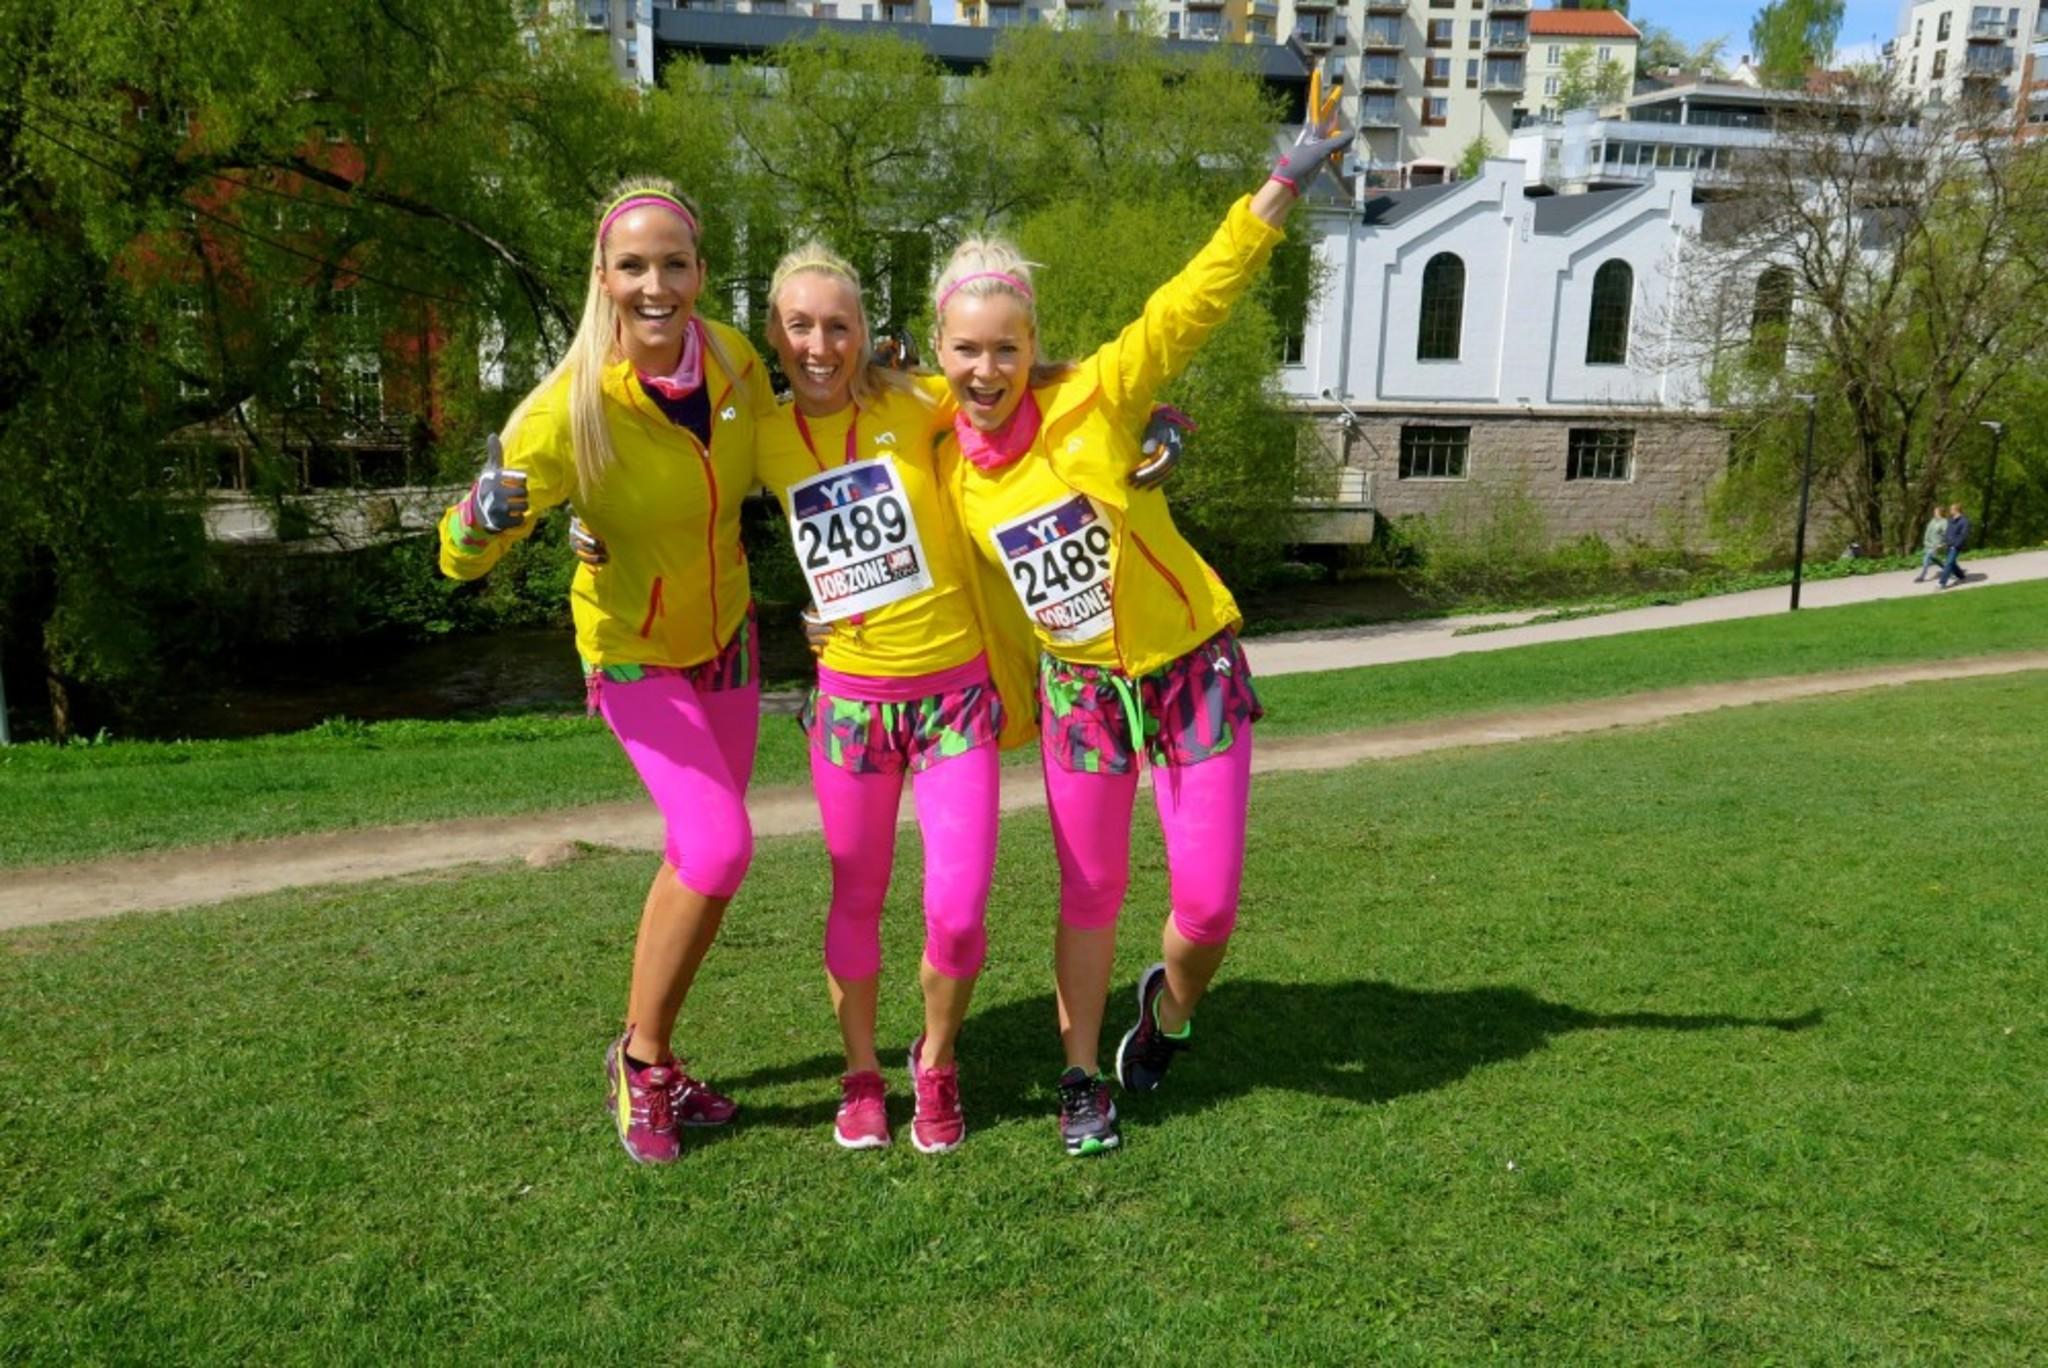 Go Girls! So inspiring! Treningsfrue & Helene Ree!